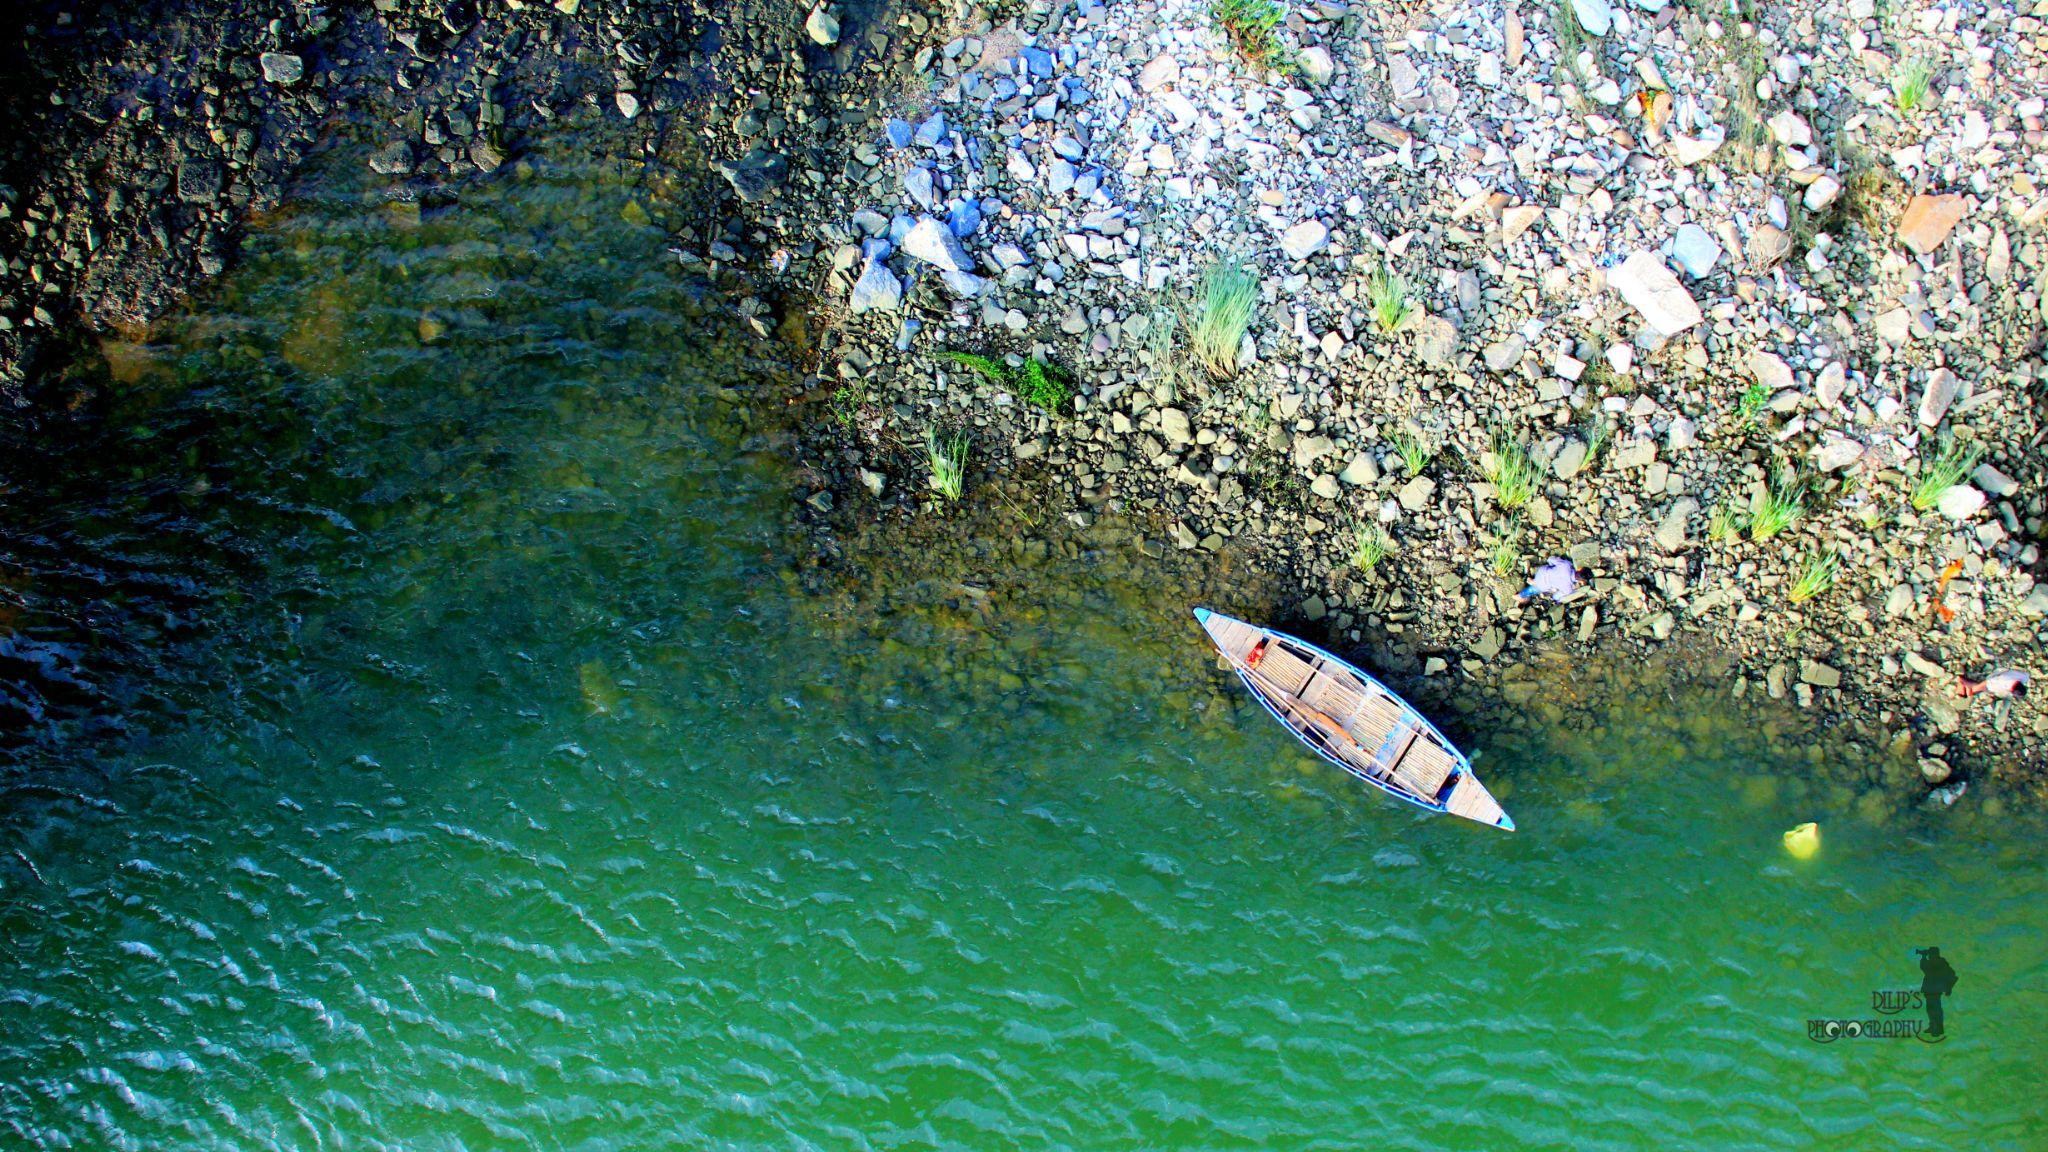 green waters by dileepk13